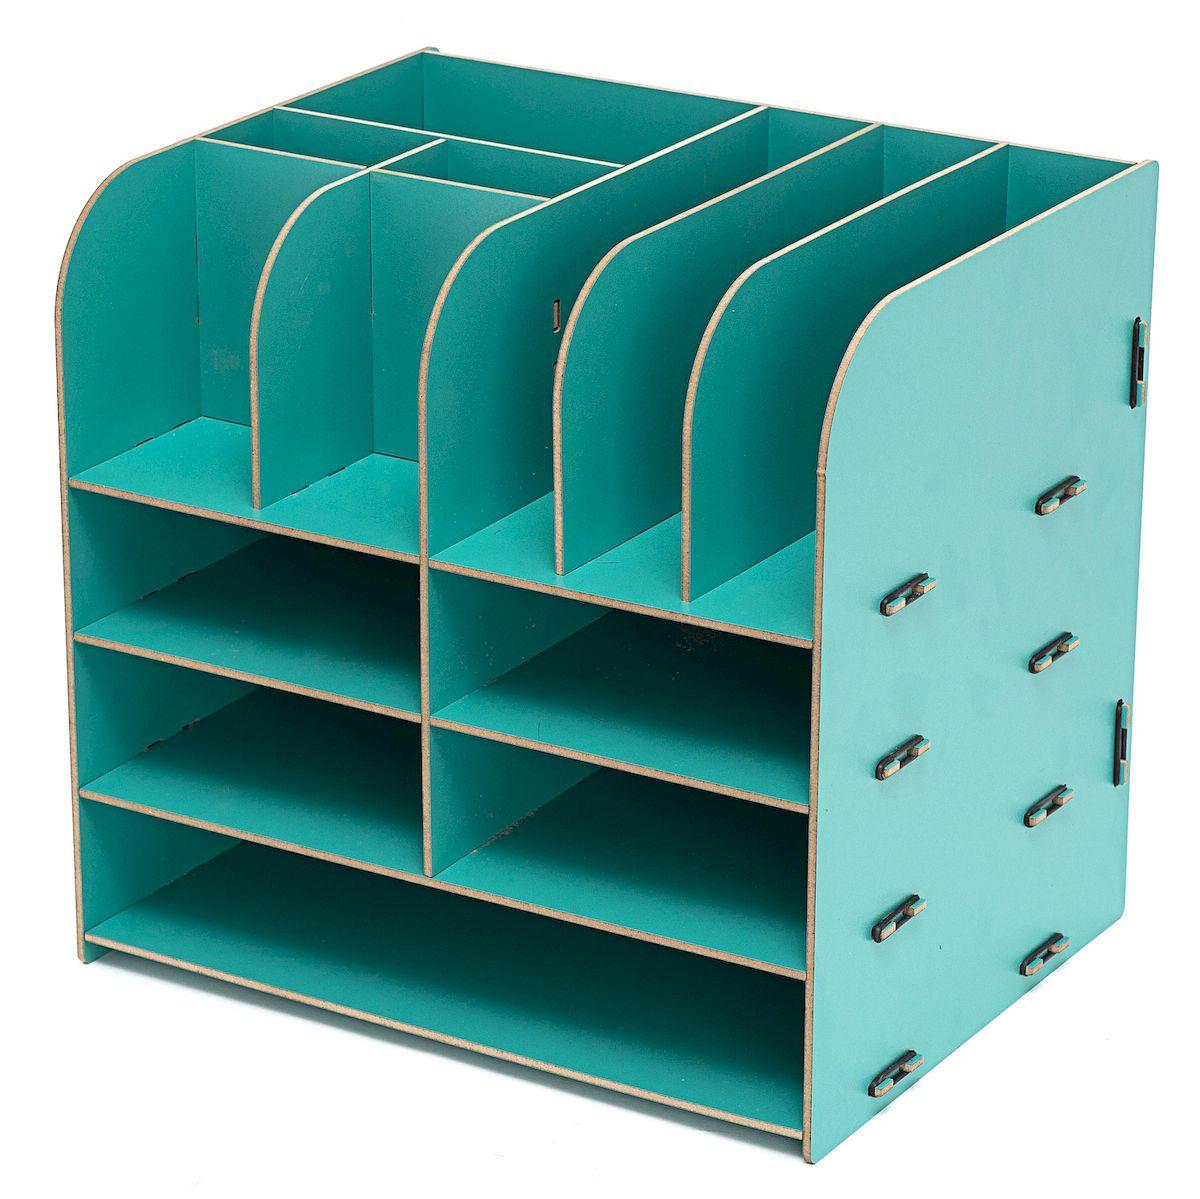 Органайзер настольный Homsu, 13 отделов, цвет: бирюзовый, 32,5 x 25 x 30 смTD 0033Настольный органайзер Homsu выполнен из МДФ и легко собирается из съемных частей. Изделие имеет 13 отделений для хранения документов, канцелярских предметов и всяких мелочей. Органайзер просто незаменим на рабочем столе, он вместителен и не занимает много места. Оригинальный дизайн дополнит интерьер дома и разбавит цвет в скучном сером офисе. Размер: 32,5 х 25 х 30 см.